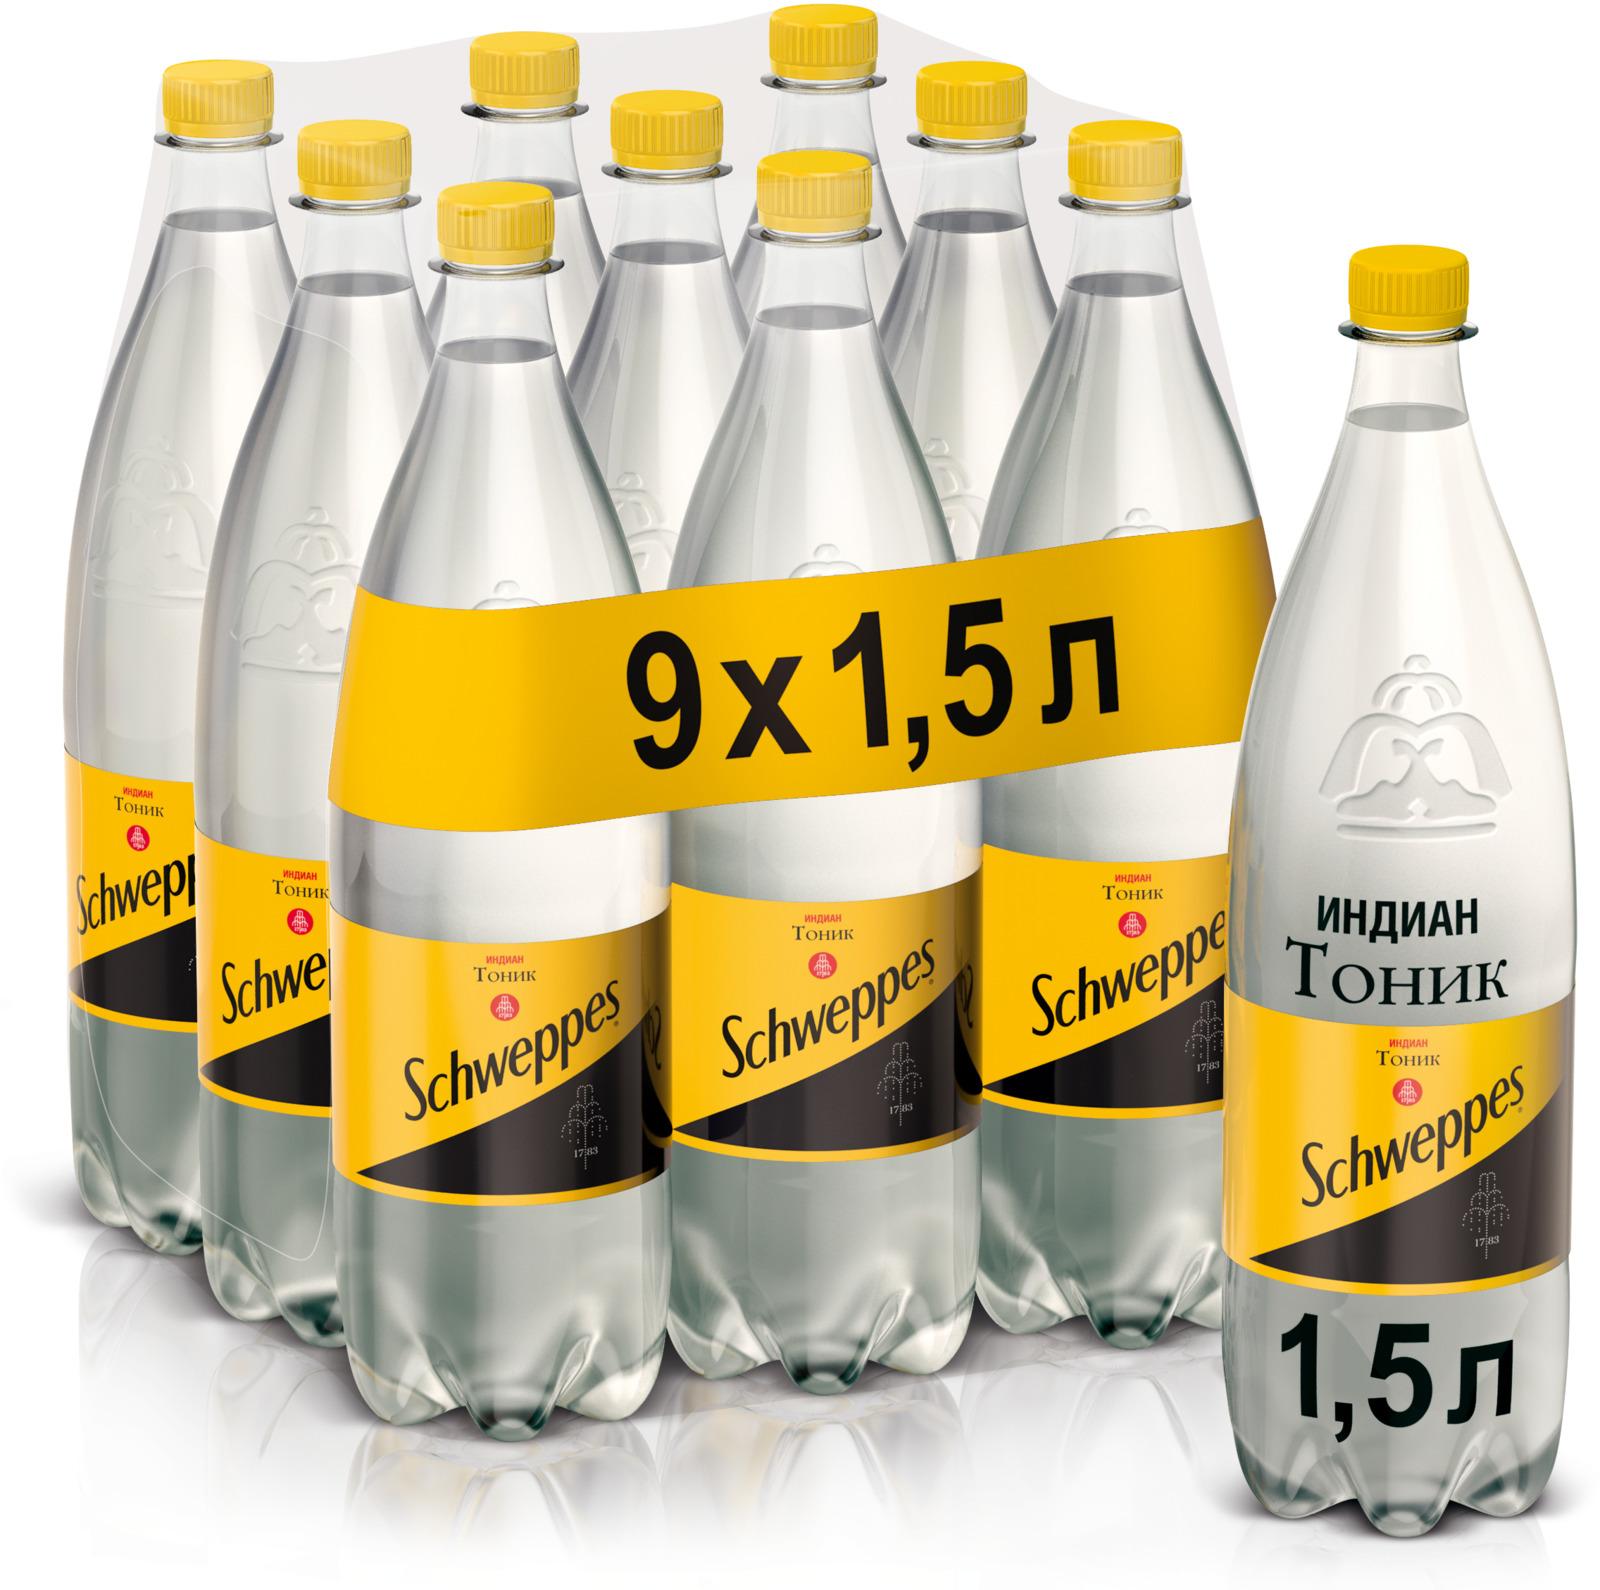 Schweppes Индиан Тоник напиток сильногазированный, 9 штук по 1.5 л